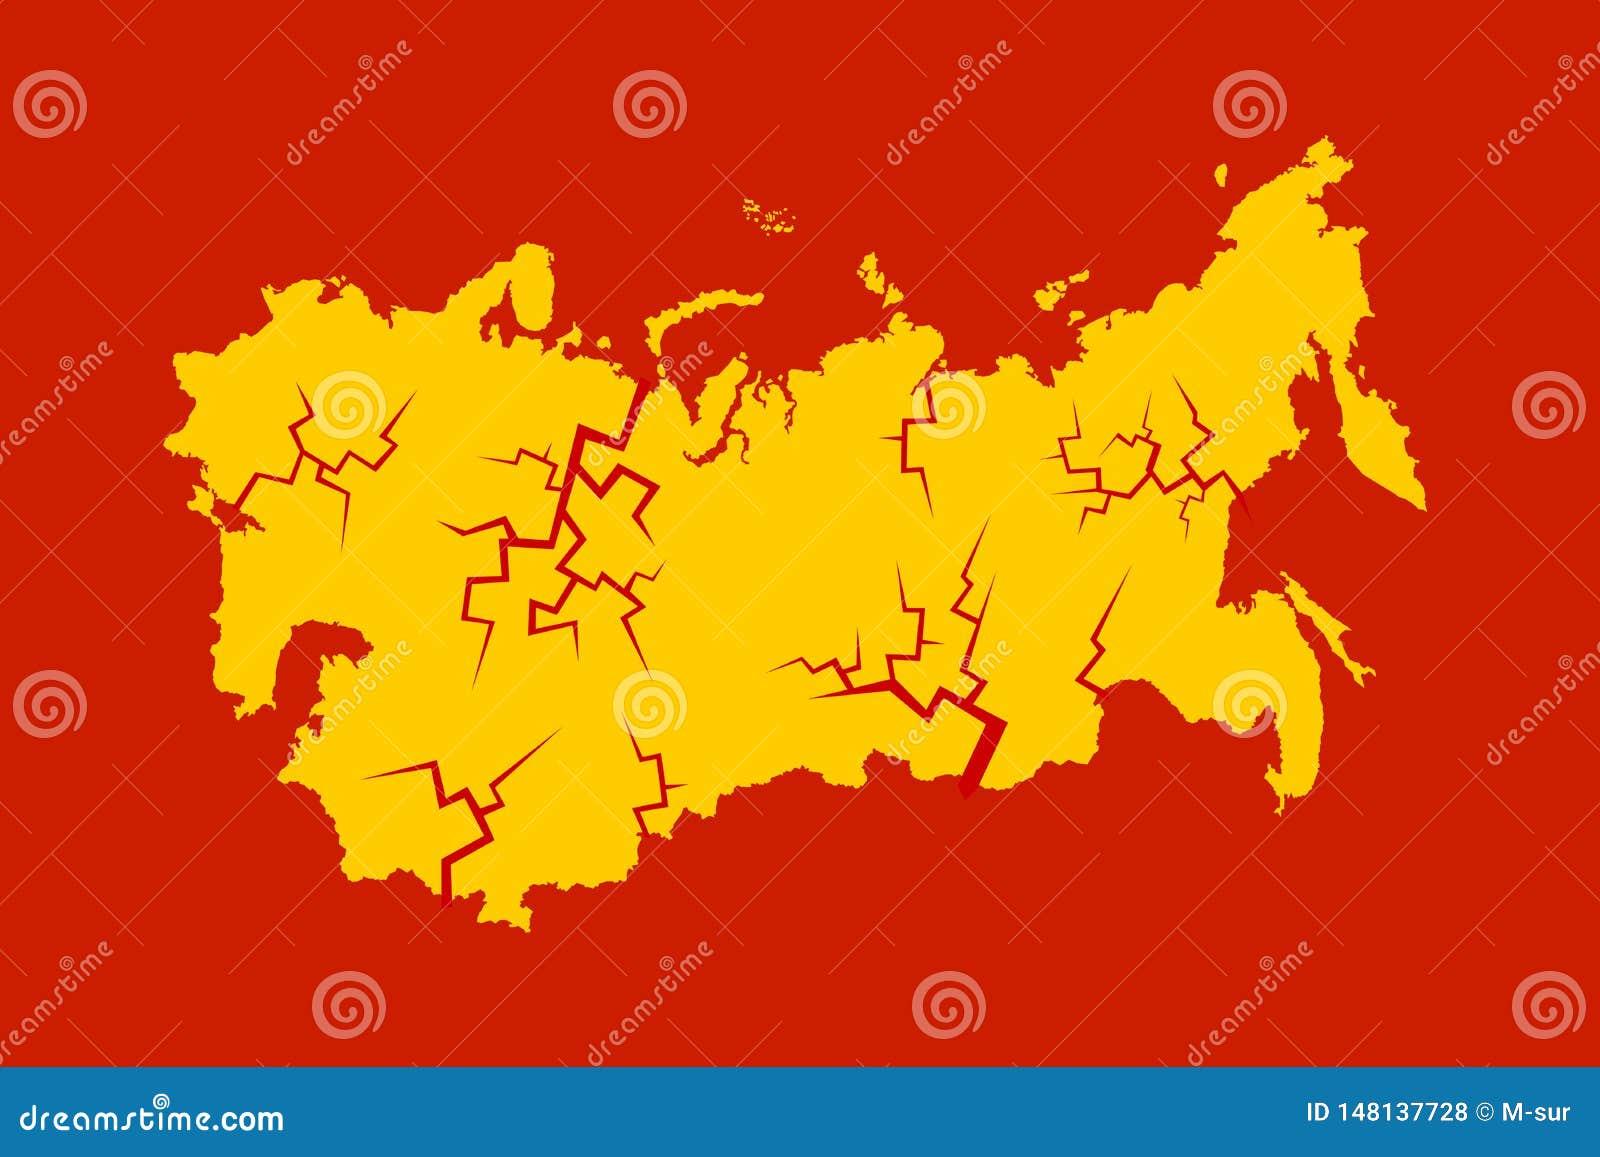 跨台、苏联的溶解和崩解